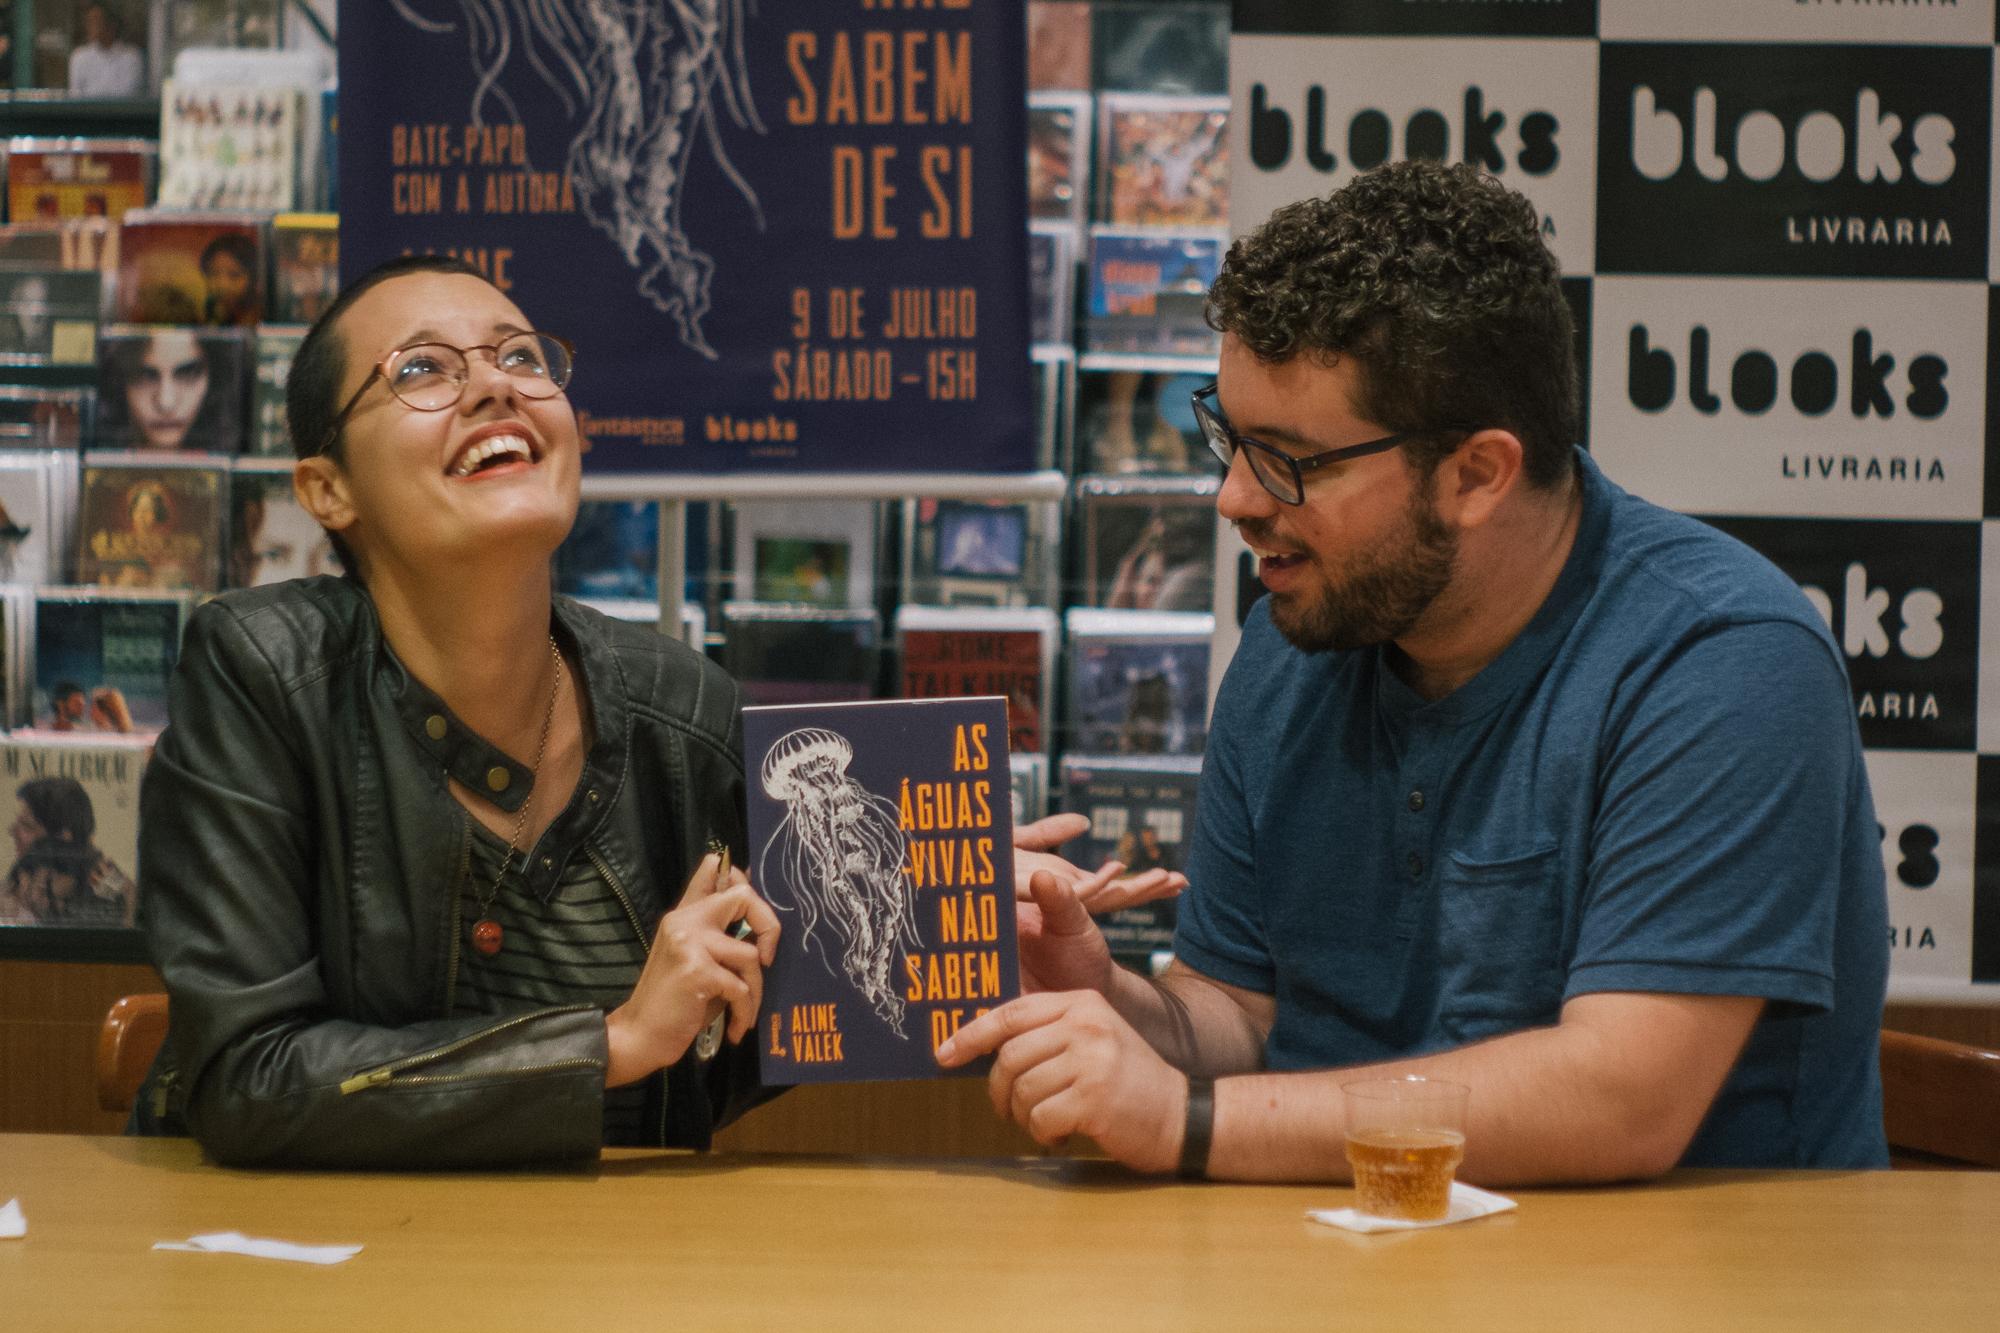 foto em que sorrio super naturalmente ao lado de um leitor que também segura o livro super naturalmente